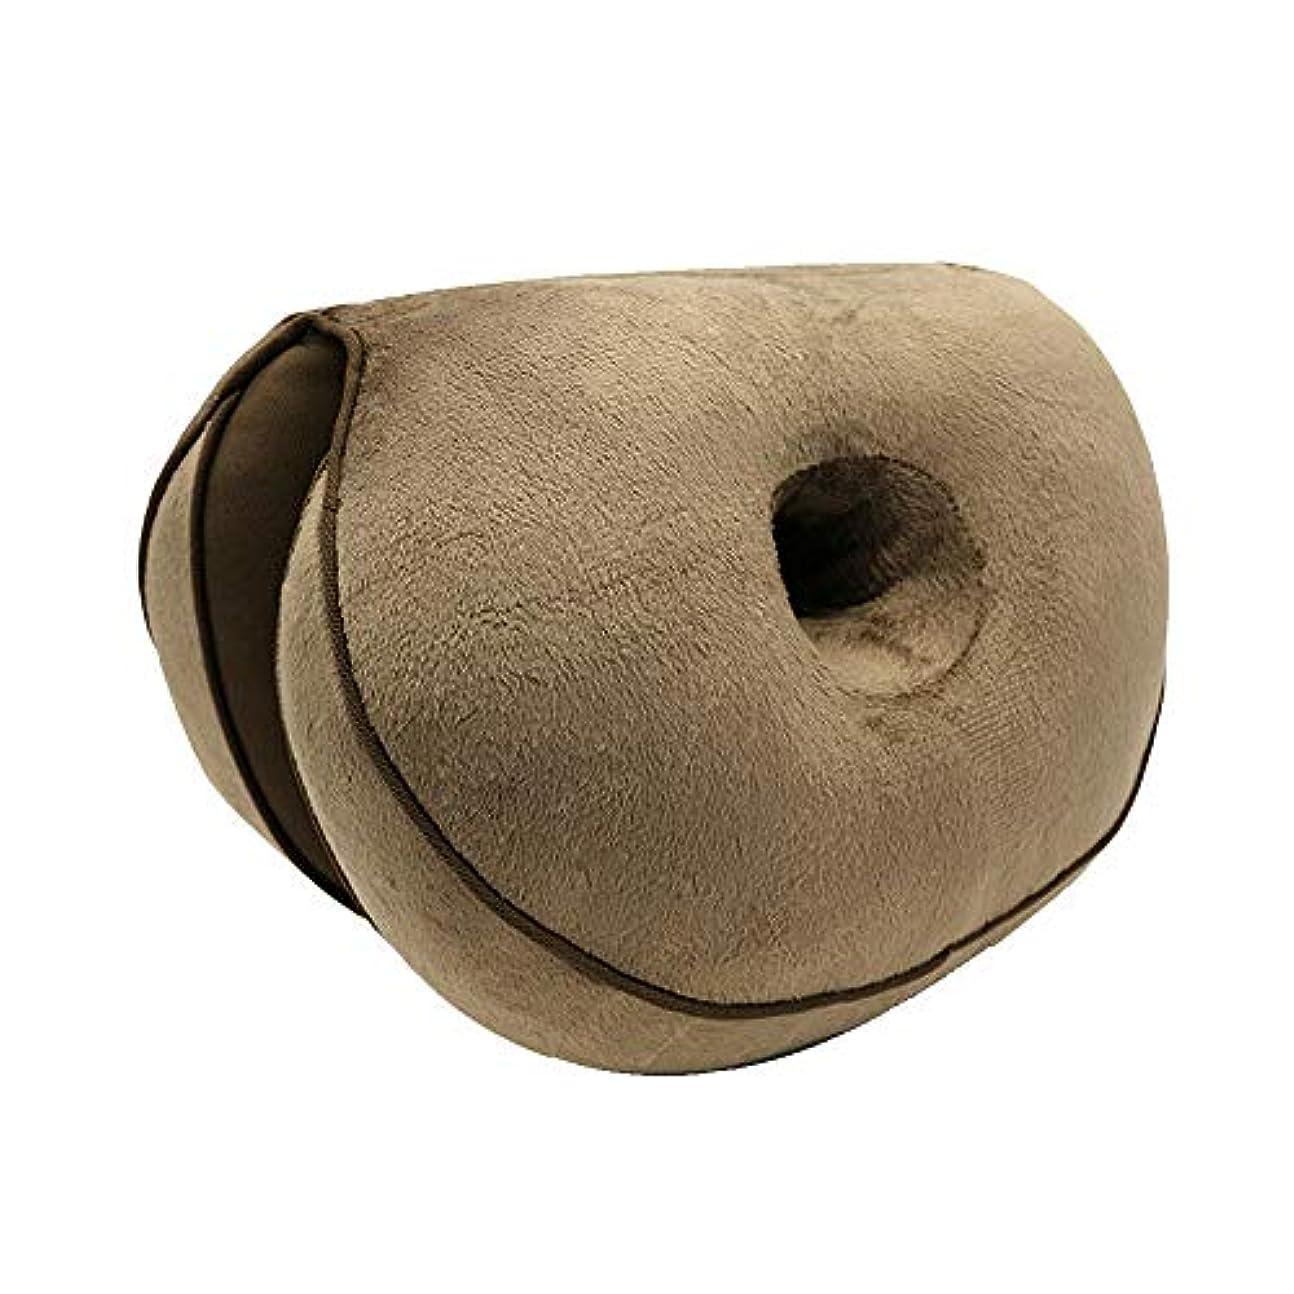 コンデンサートラフィックゴシップLIFE 新デュアルシートクッション低反発ラテックスオフィスチェアバックシートクッション快適な臀部マットパッド枕旅行枕女性女の子 クッション 椅子